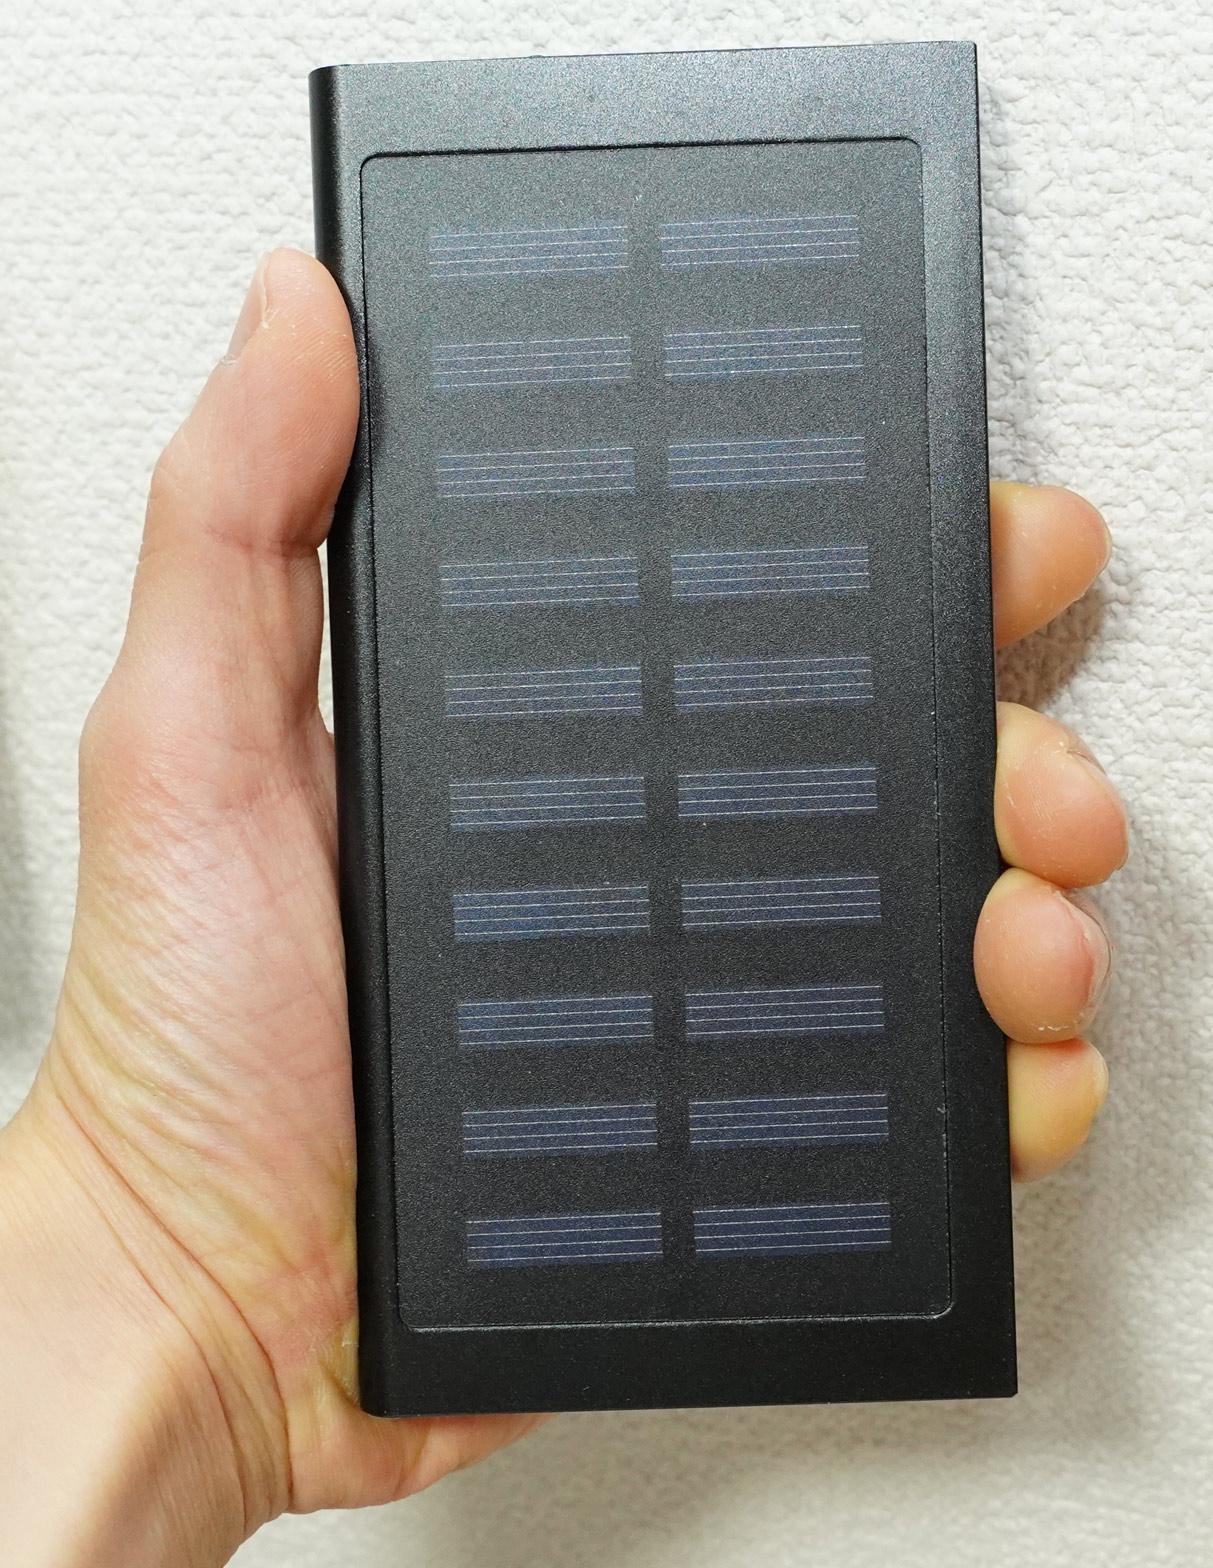 【レビュー13】Qoo10でゴミみたいなモバイルバッテリーを買ってみたらやっぱり容量詐欺だった。ひと目で詐欺と分かるゴミ。